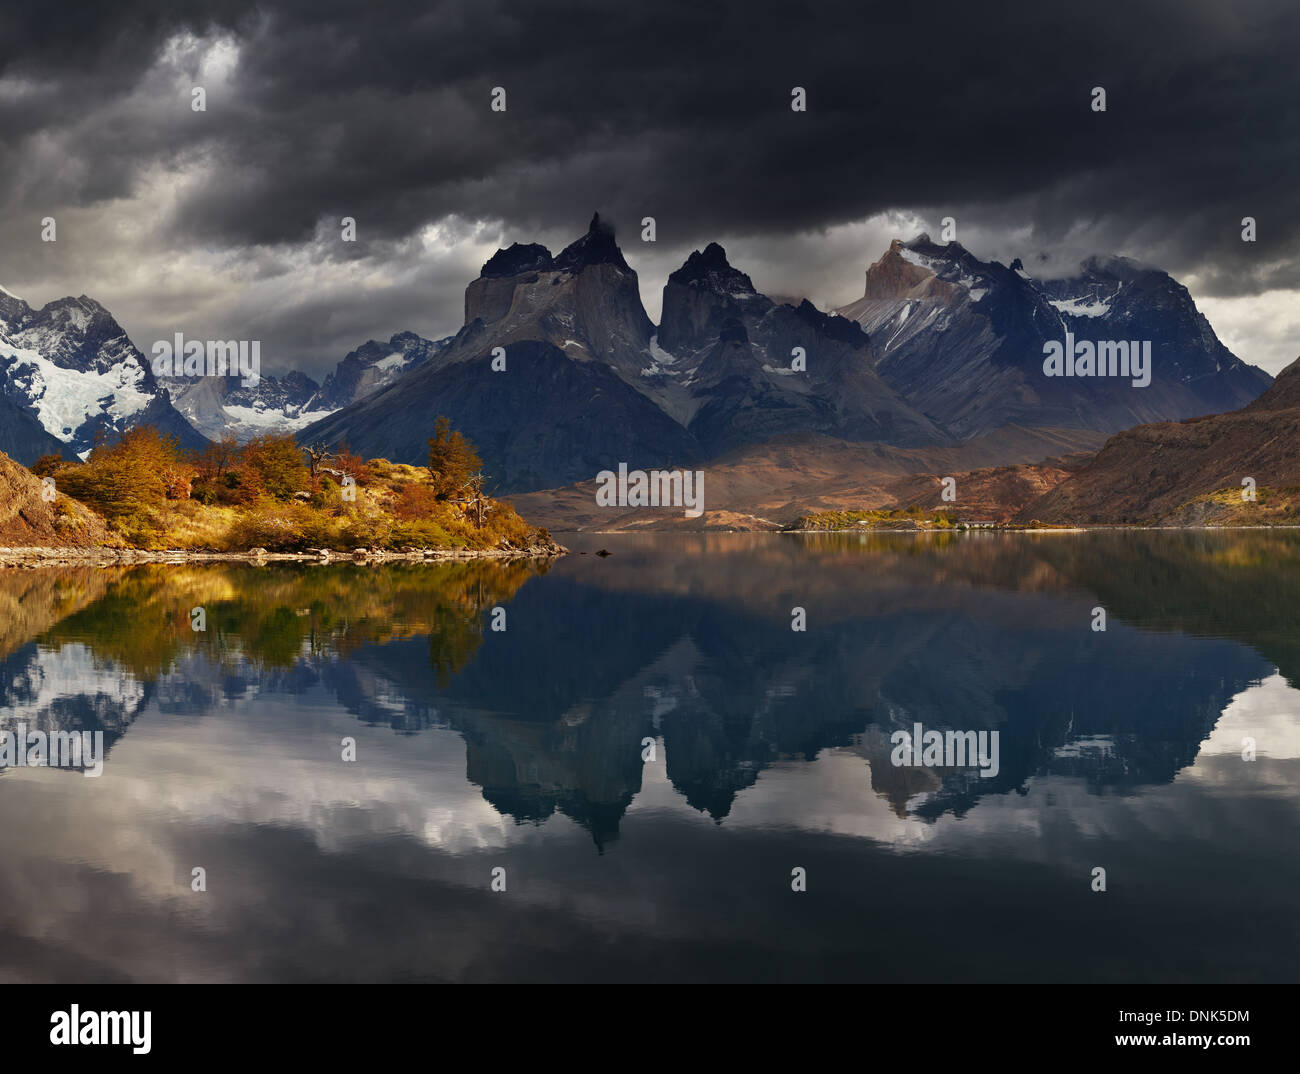 Amanecer en el Parque Nacional Torres del Paine, el Lago Pehoé y los Cuernos montañas, Patagonia, Chile Imagen De Stock